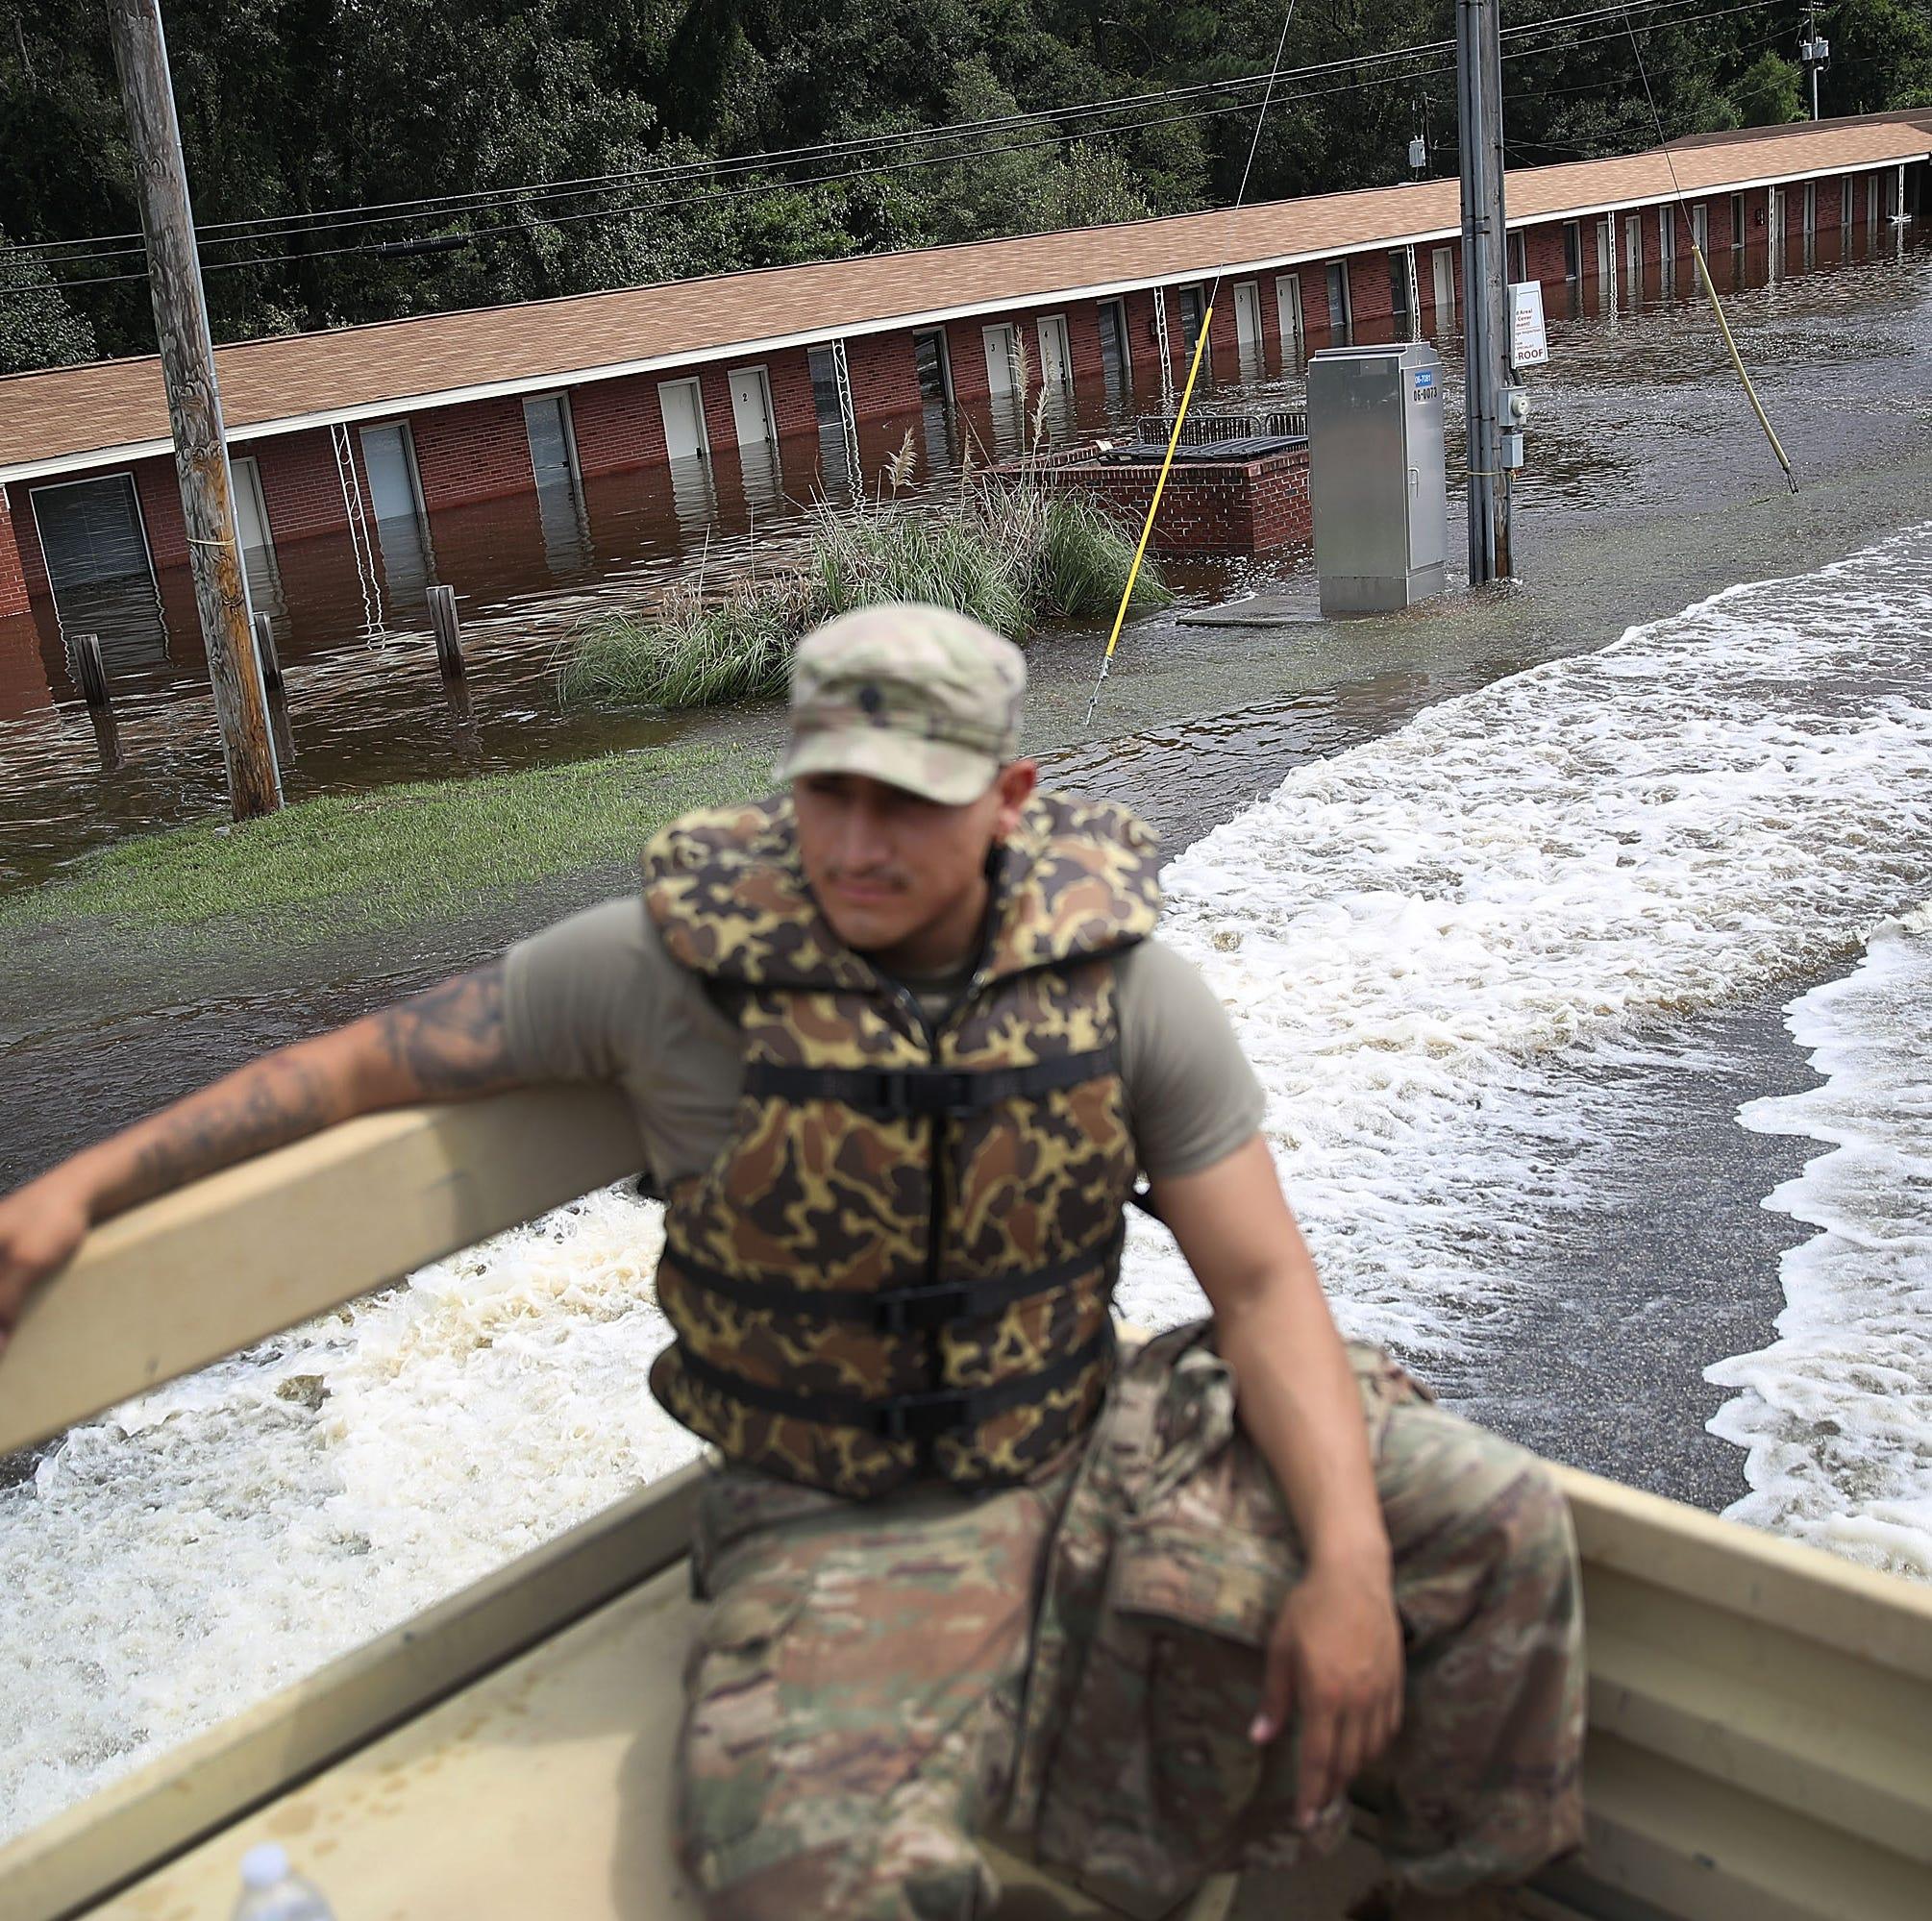 Estado de emergencia y 19 muertos, el balance del huracán Florence